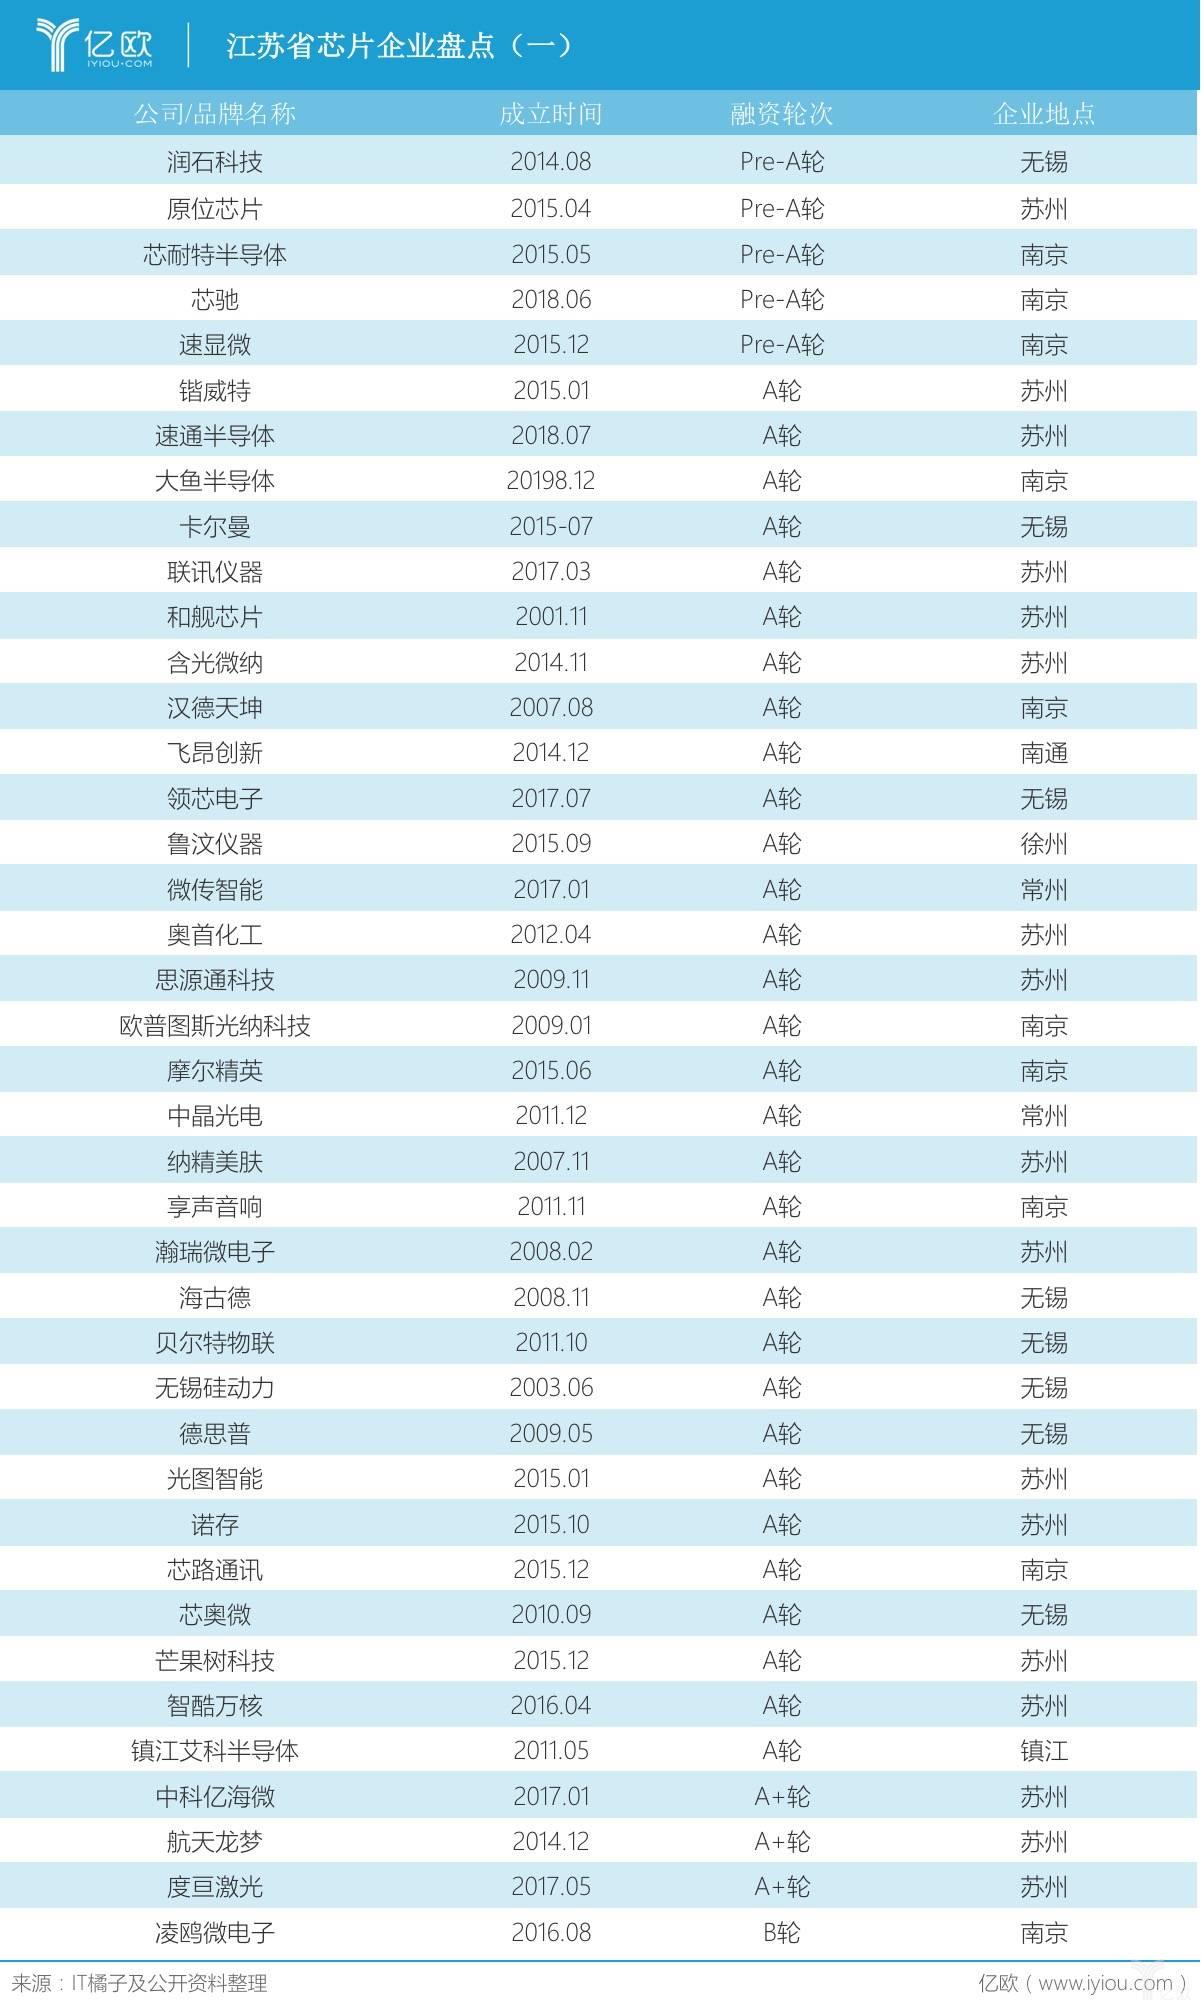 江苏省芯片企业盘点1.jpeg